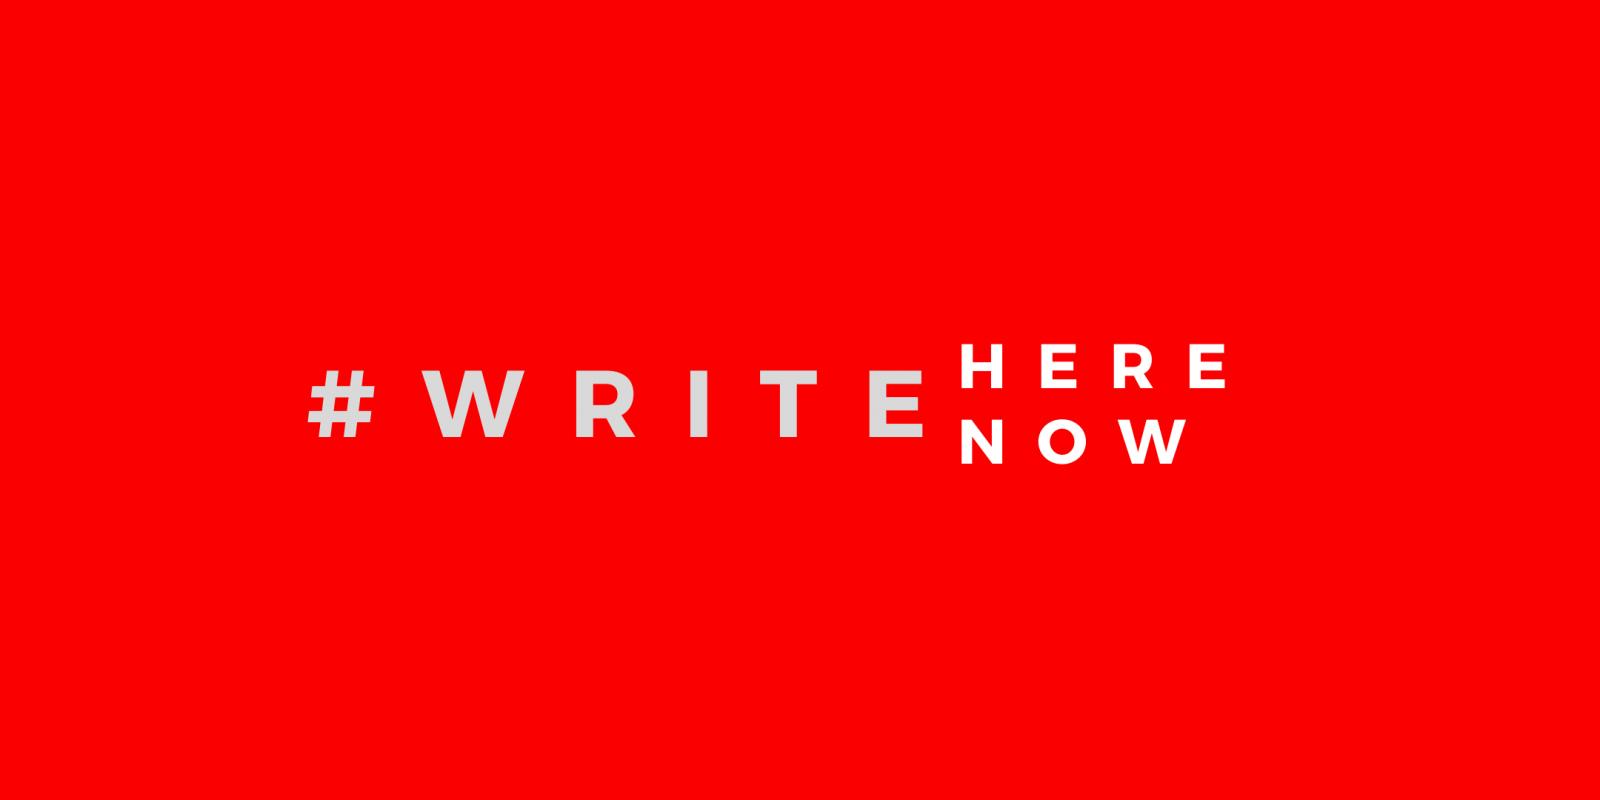 WriteHere WriteNow